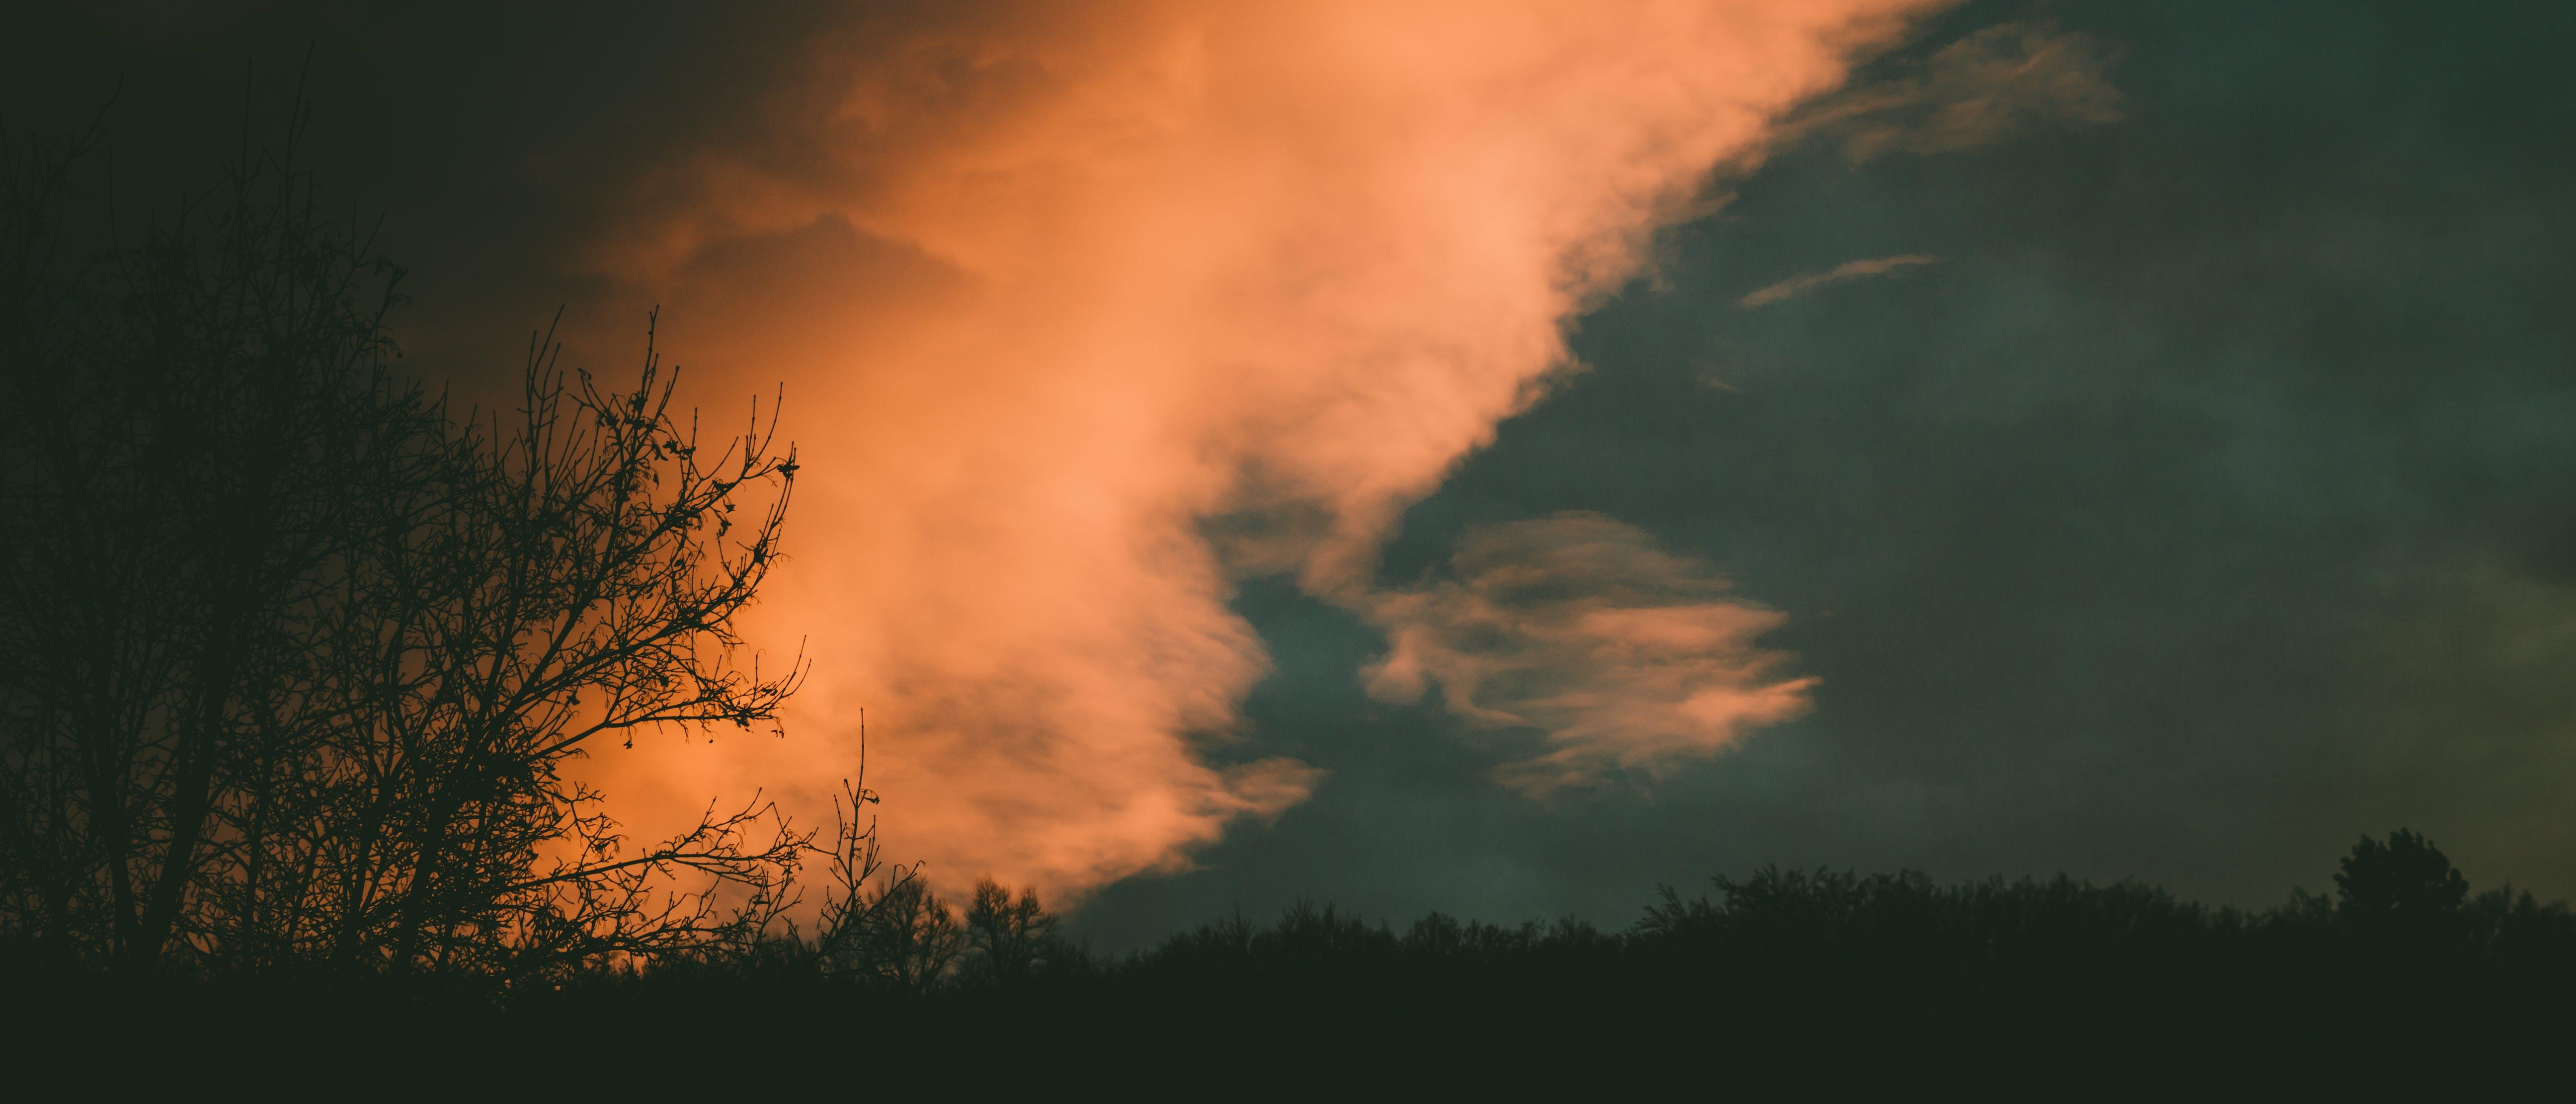 bầu trời, cây, chụp ảnh thiên nhiên